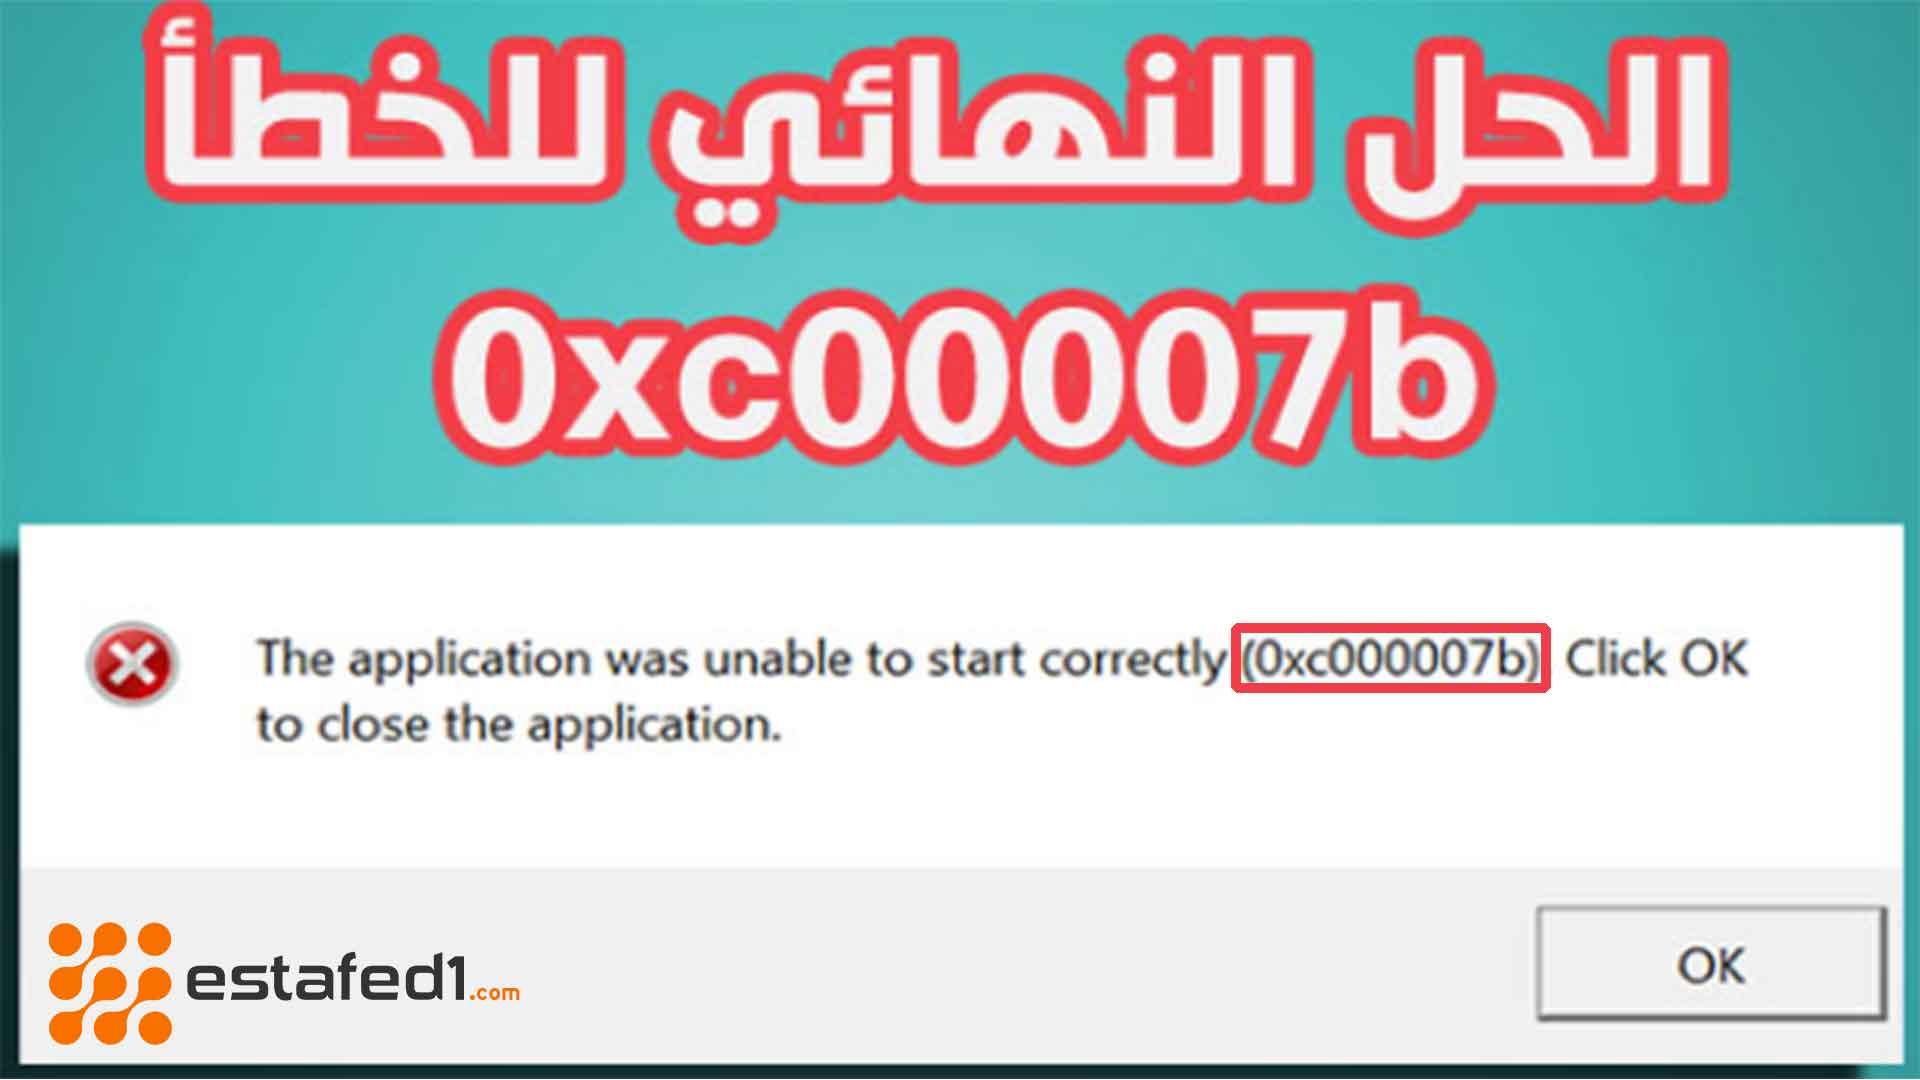 الحل النهائي لمشكلة 0xc00007b